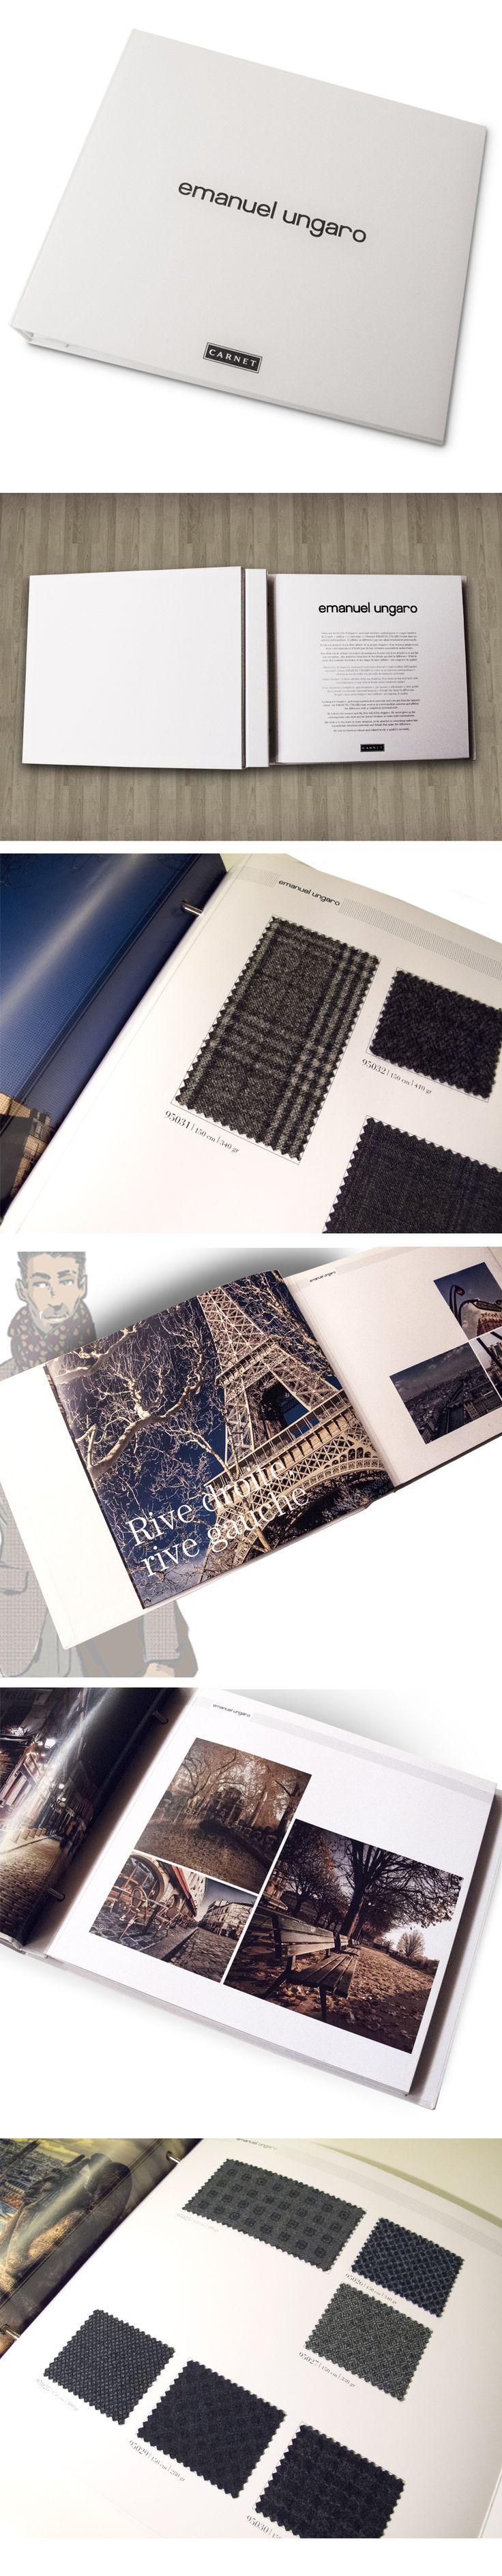 Carnet Ratti, Gruppo Marzotto ha commissionato a Bcentric, il nuovo progetto grafico e creativo della linea di bench tessuti per Emanuel Ungaro. In collaborazione con lo stilista Philippe Paubert, creatore della linea tessuti Ungaro, nasce il catalogo Autunno/Inverno 2015/2016.